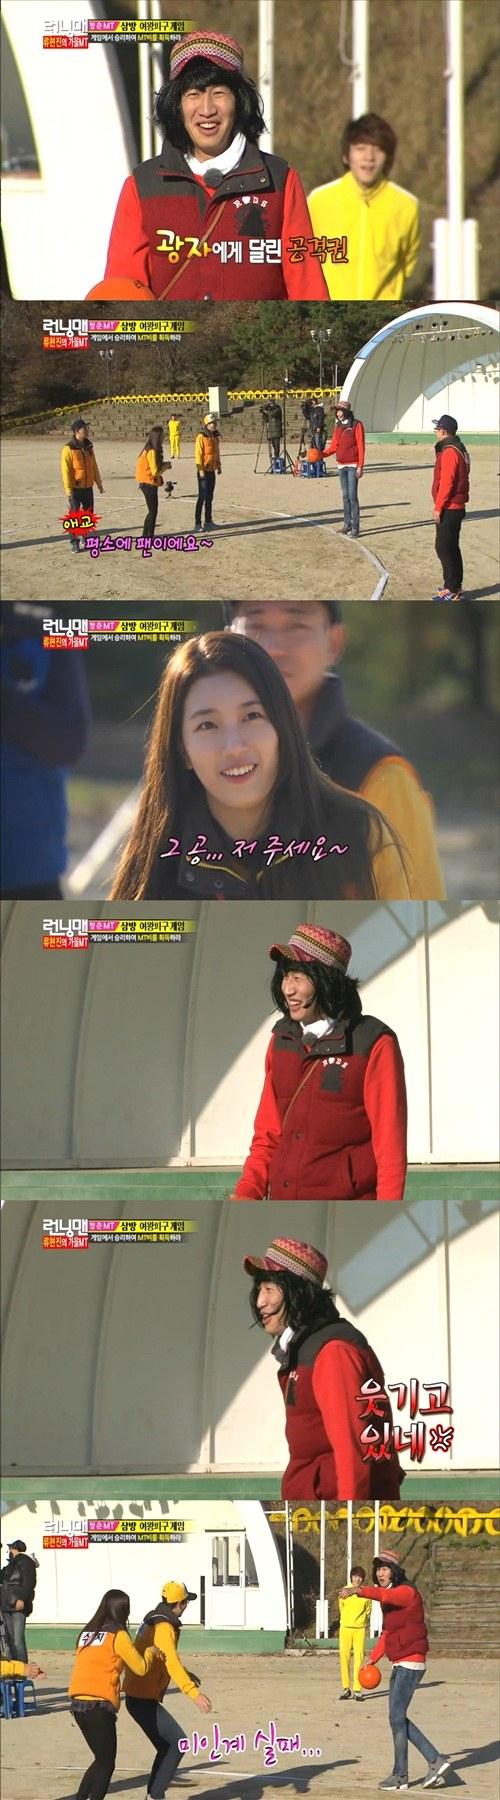 Running Man Suzy and Kwang Soo